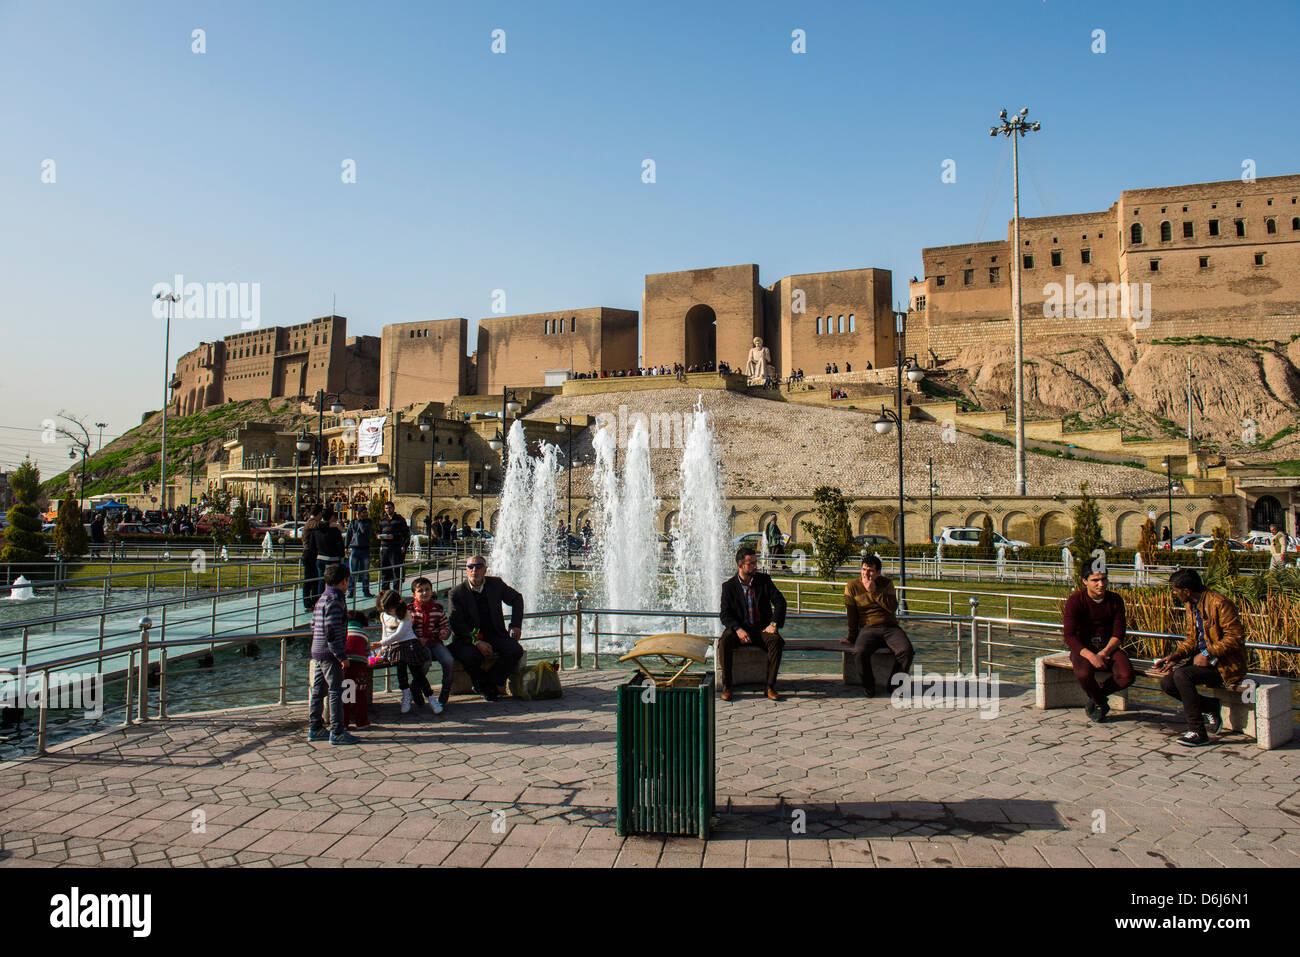 Grande place avec fontaines d'eau au-dessous de la citadelle d'Erbil (Hawler), capitale de l'Irak Kurdistan, Photo Stock